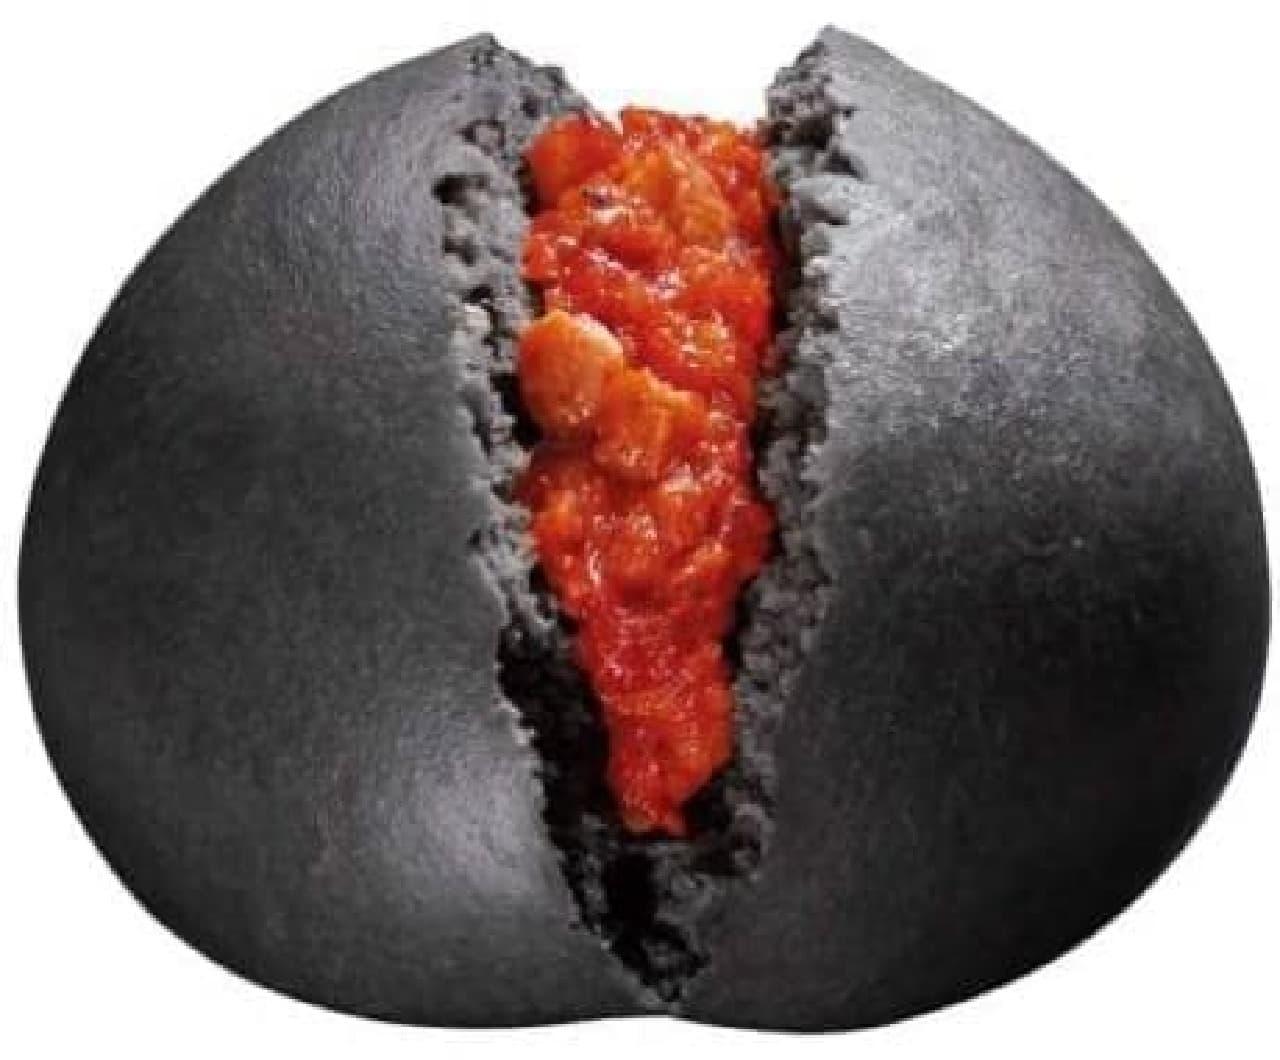 今年も出ちゃうぞ!KISS とコラボの「激辛チリトマトまん」